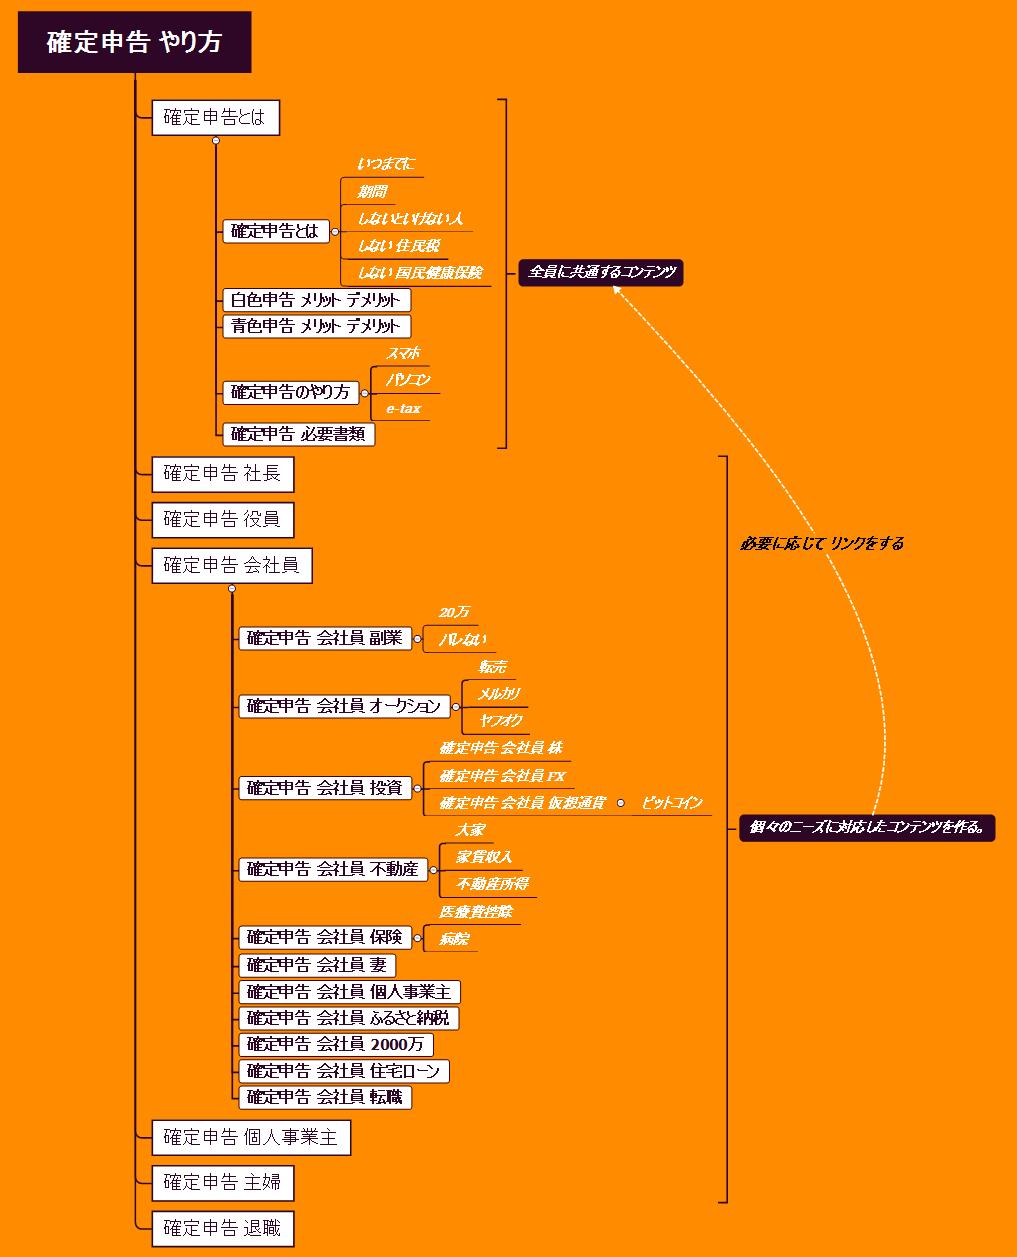 ディースケが作成した「確定申告 やり方」のキーワードマップ その③